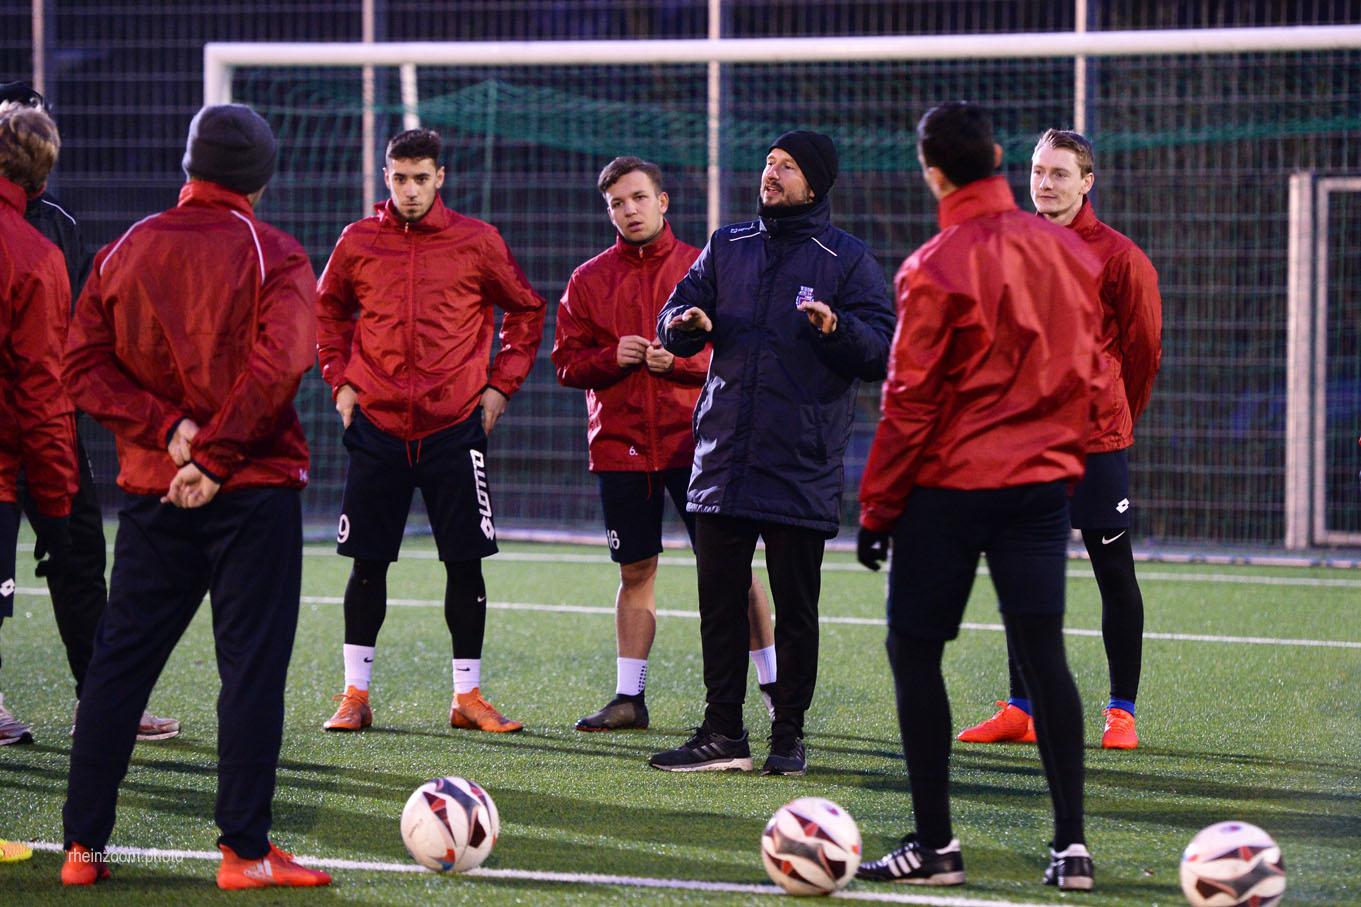 DSC_8921 Training BSC mit dem neuen Trainer Markus Zschische